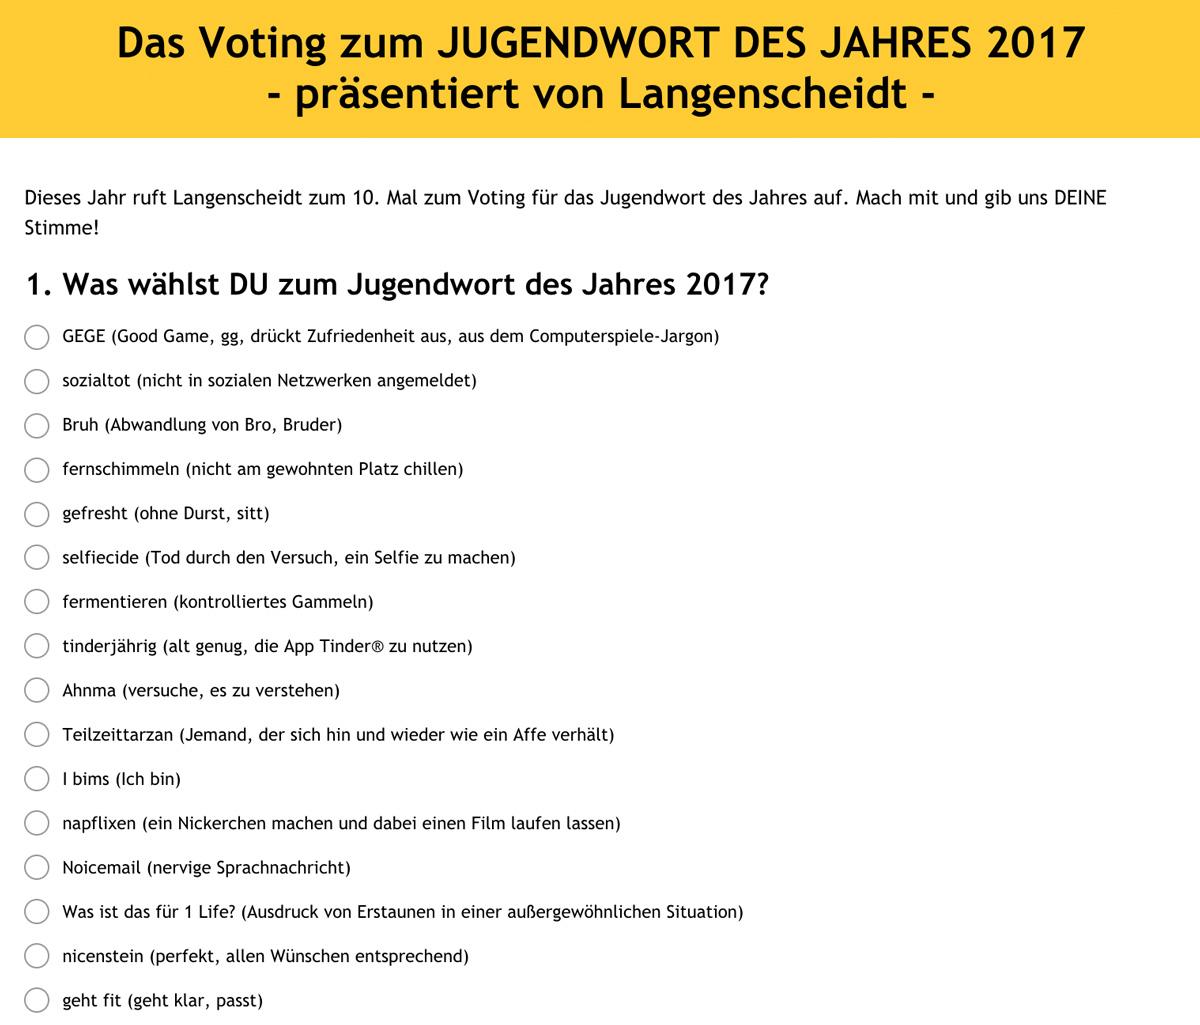 jugendwort-2017